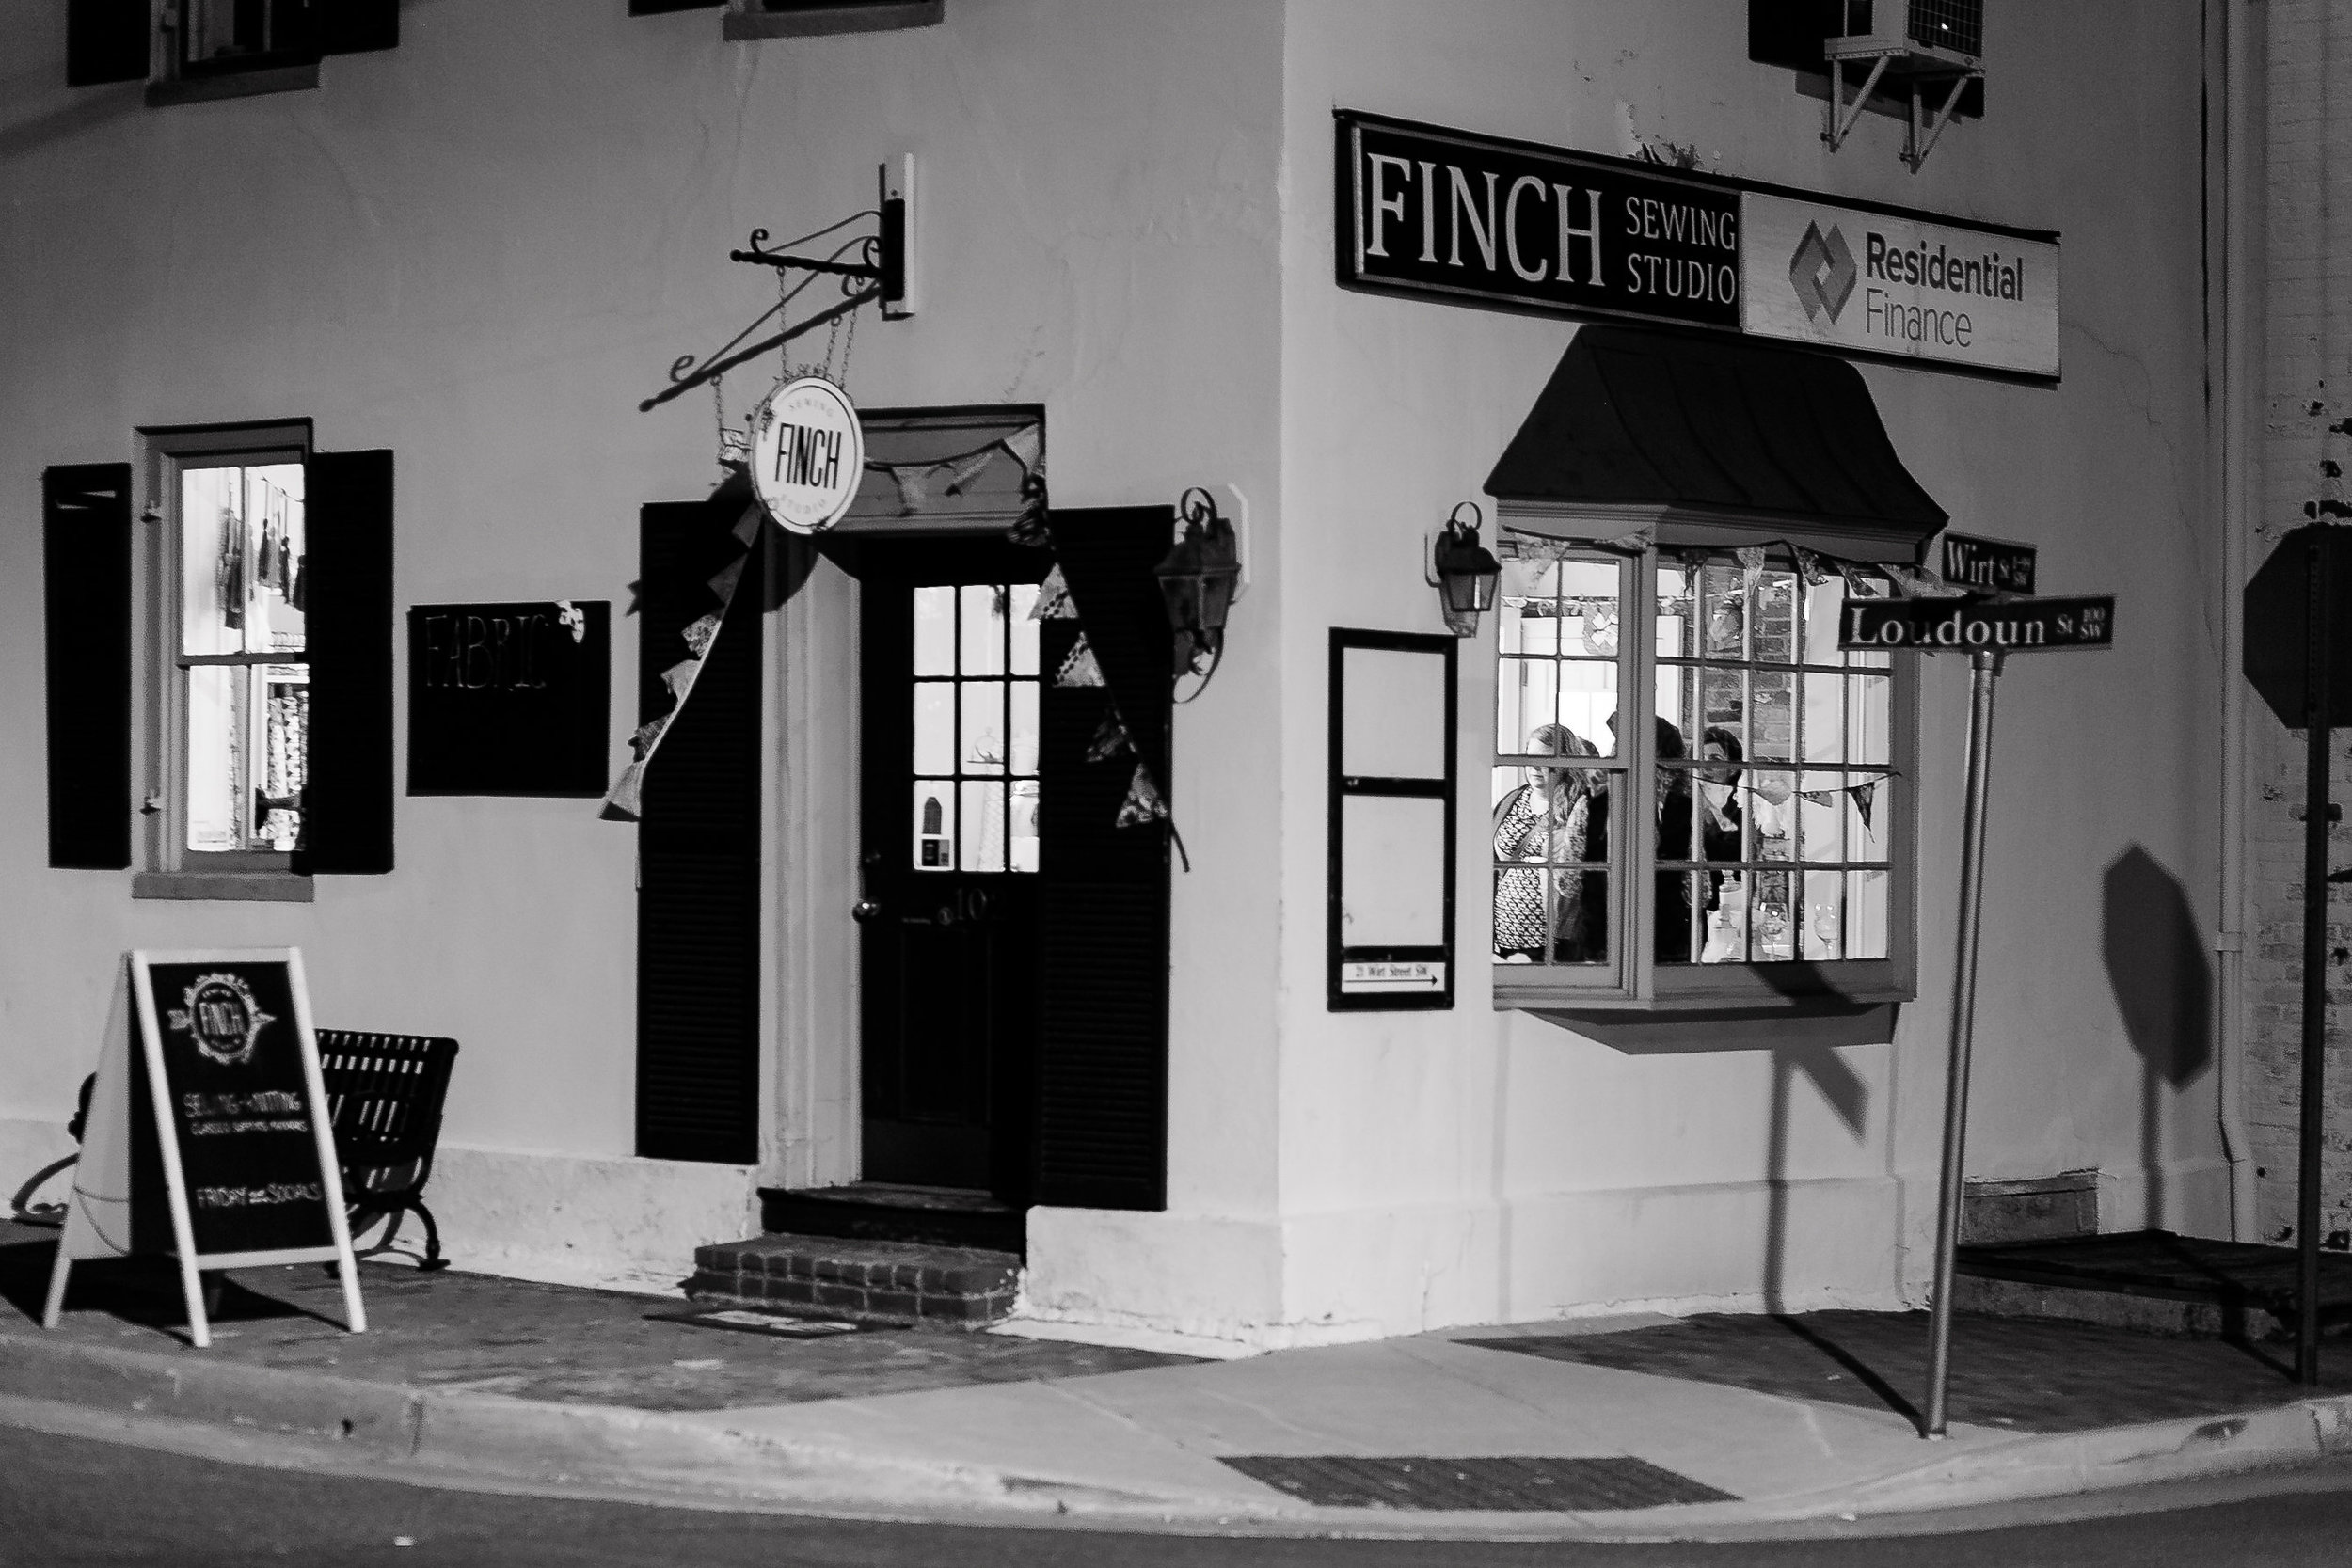 finch-169